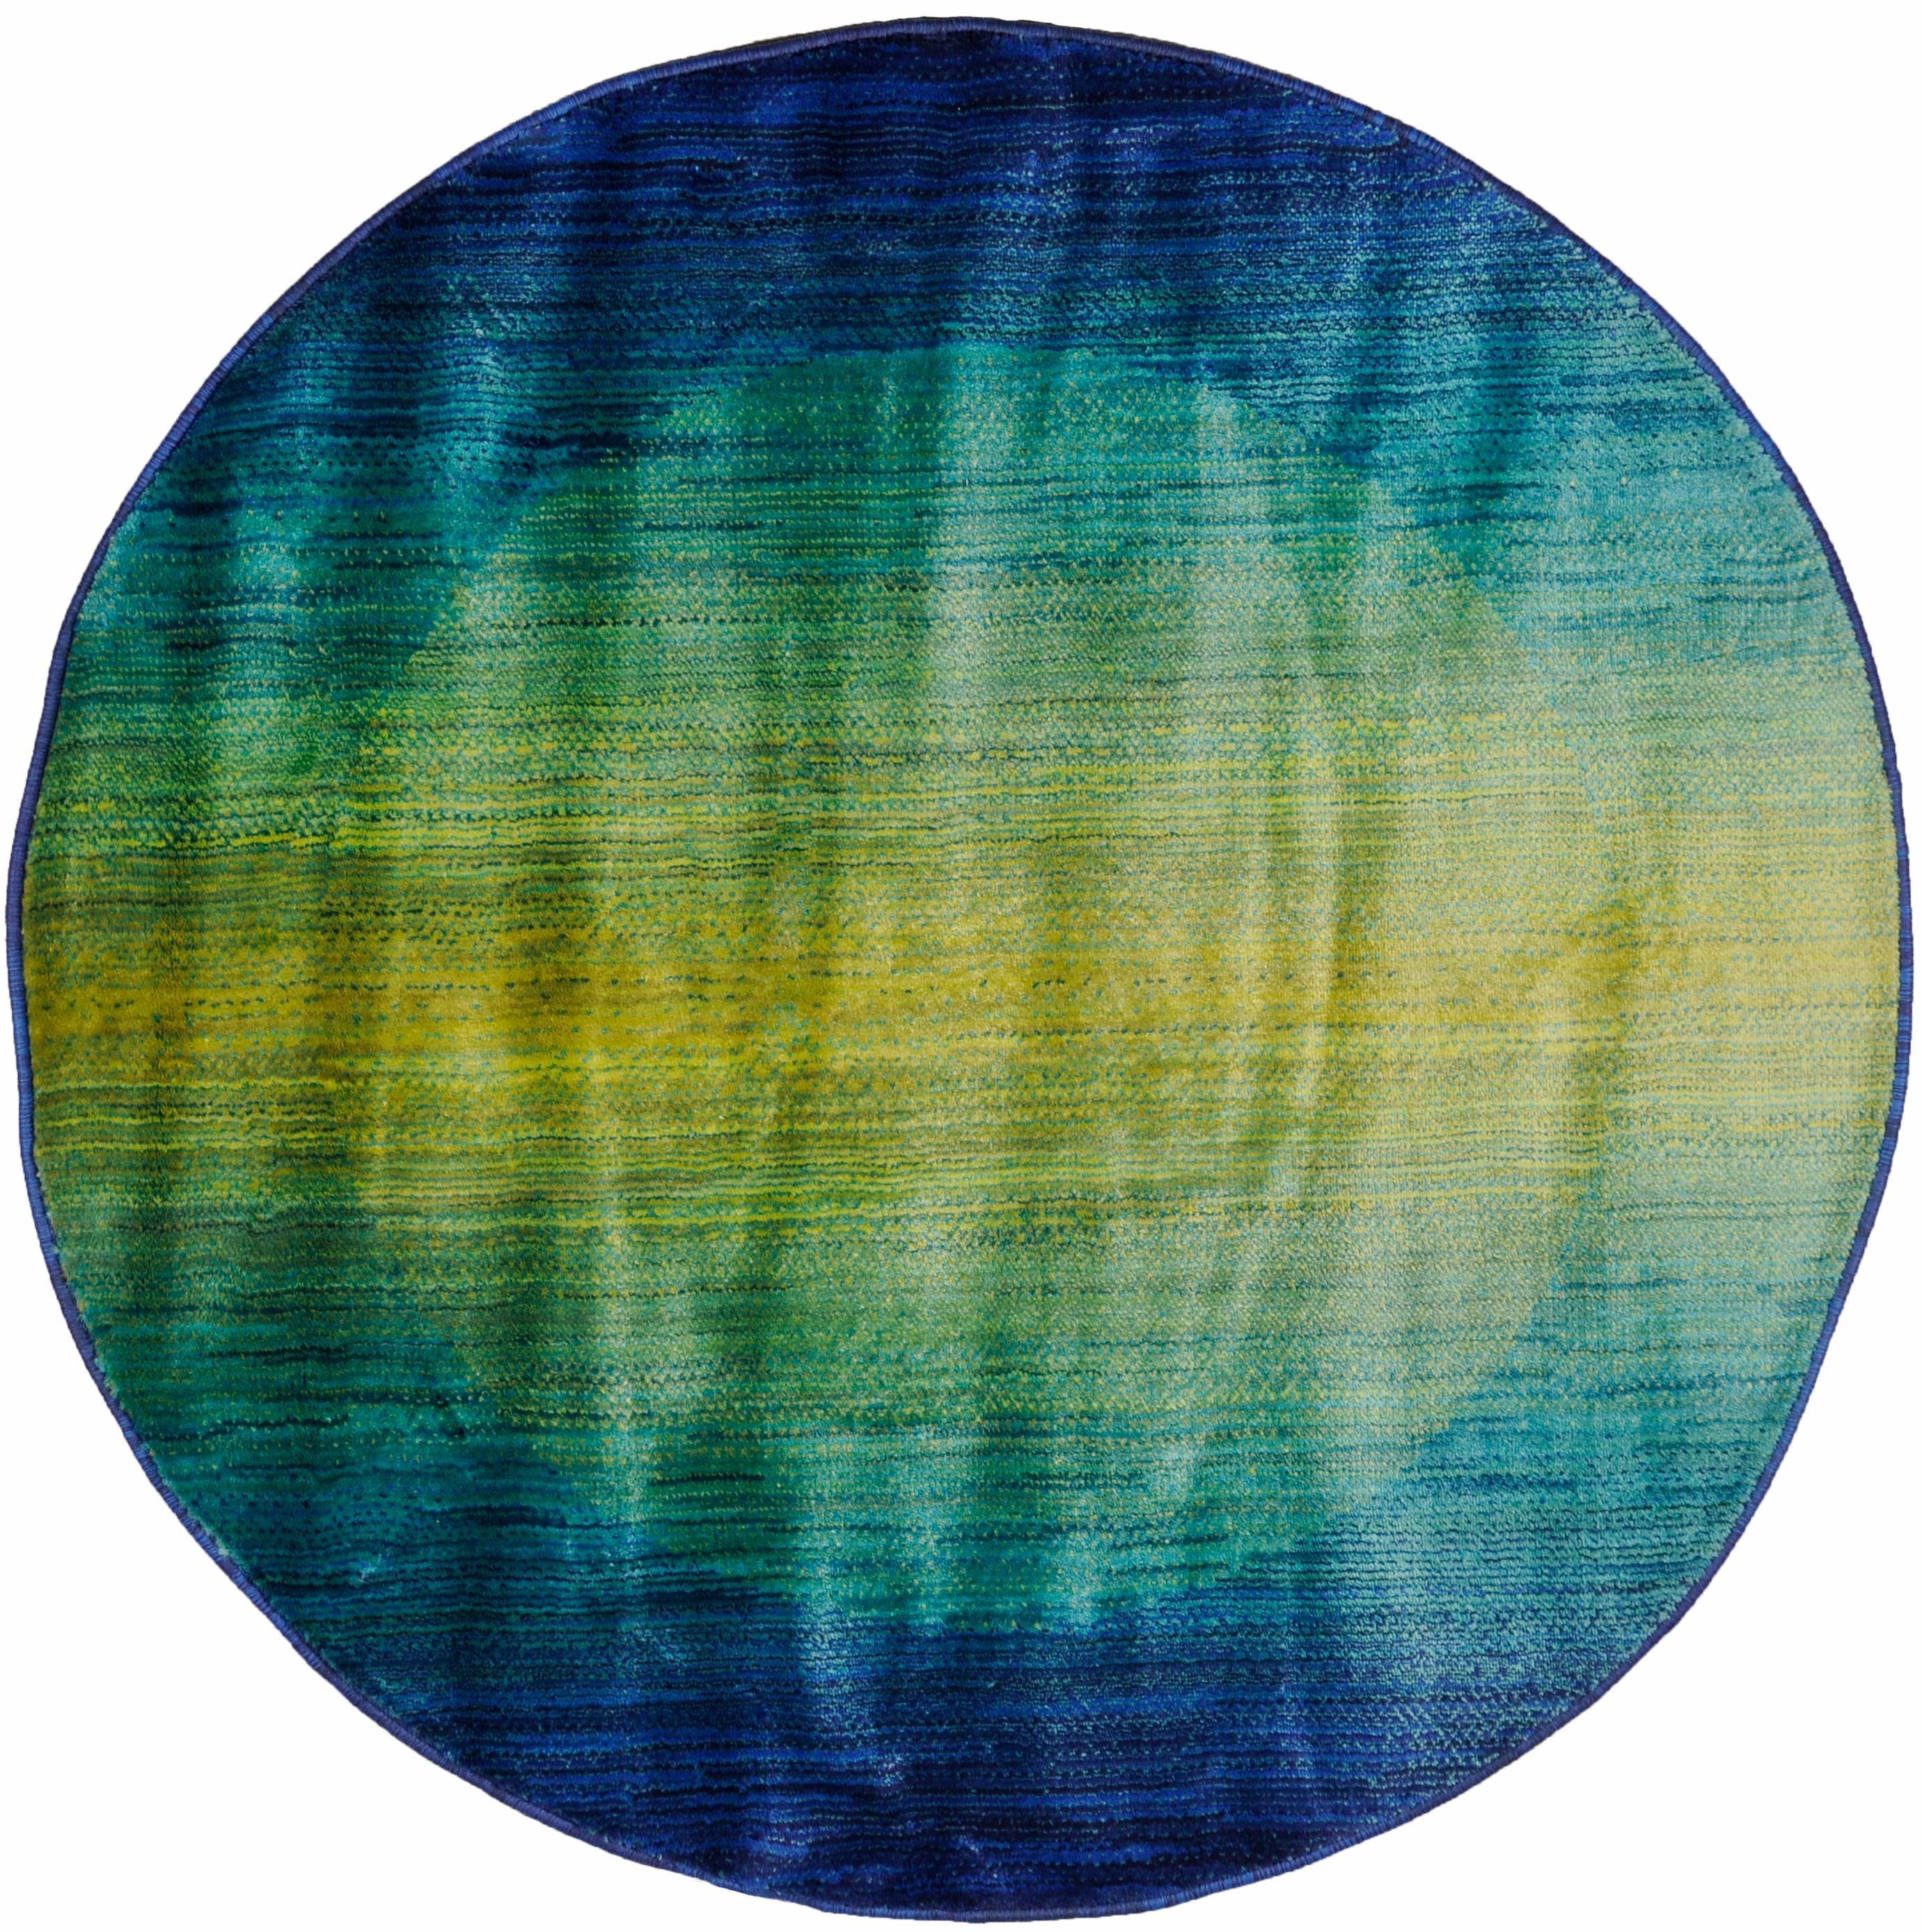 Teppich Oriental Summer 5 Oriental Weavers rund Höhe 15 mm maschinell gewebt